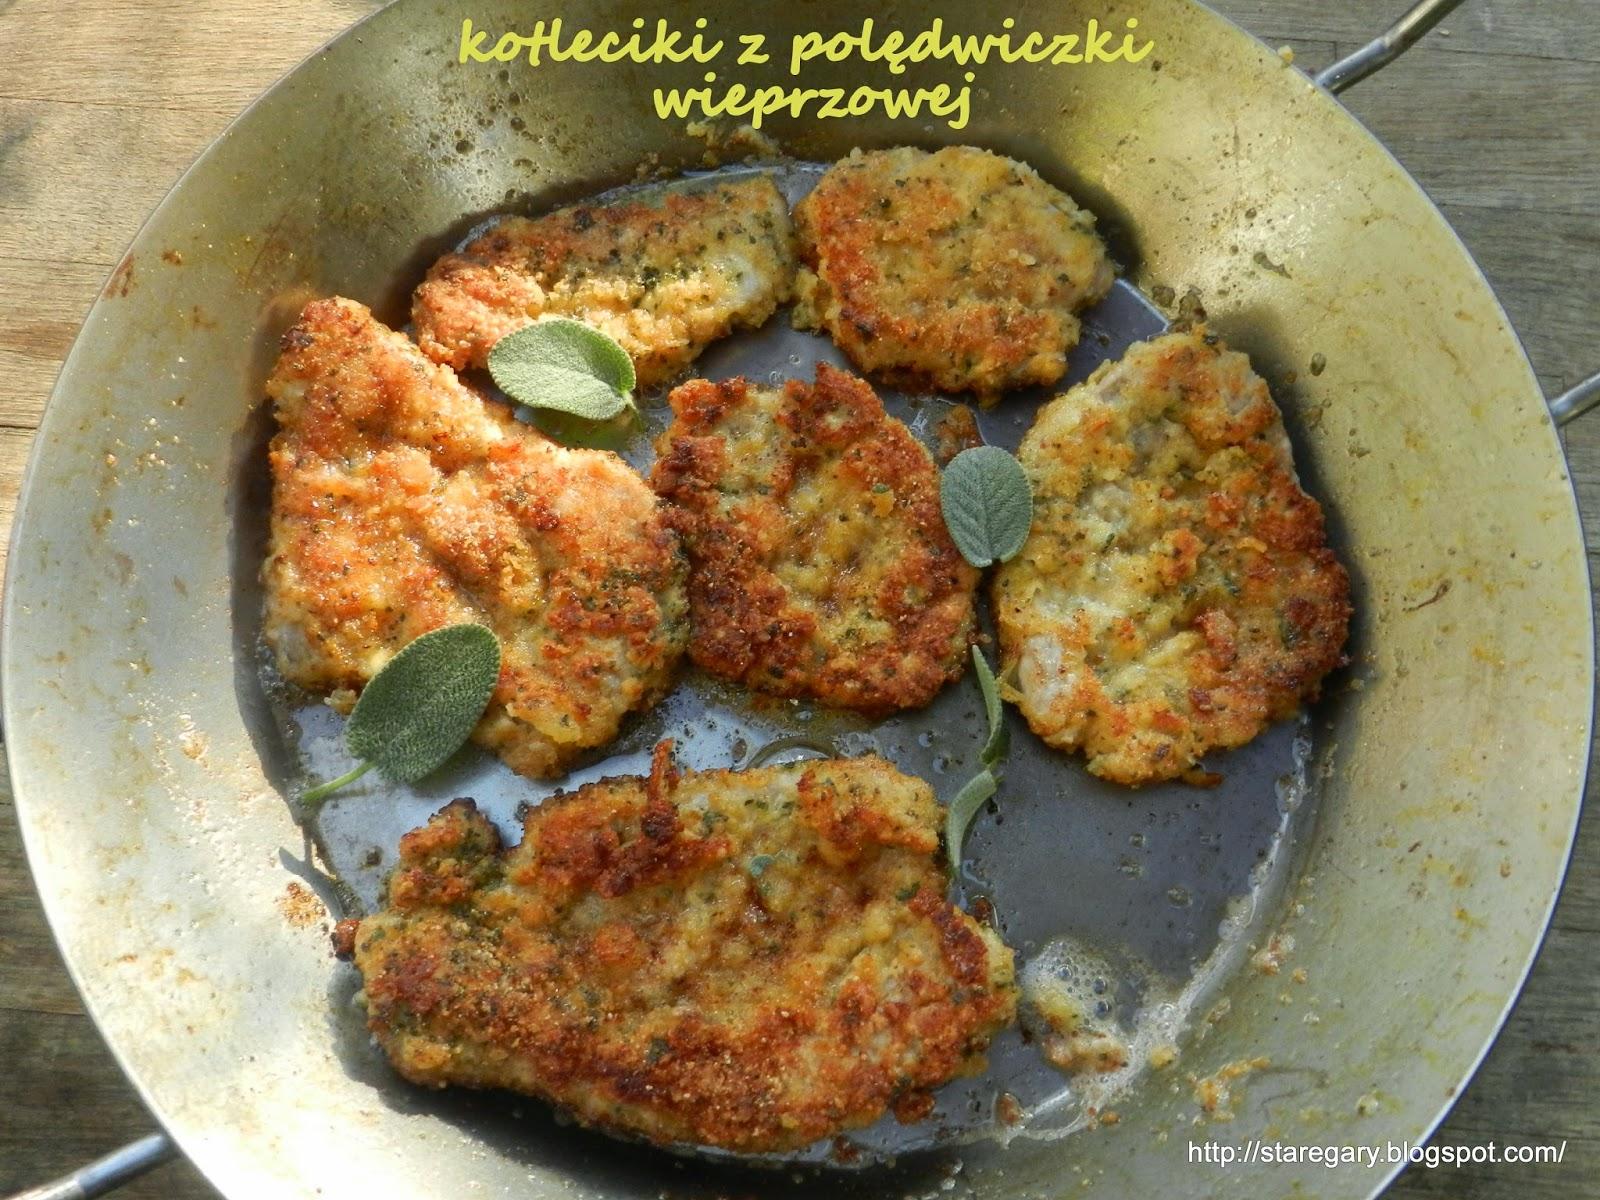 Kotleciki z polędwiczki wieprzowej